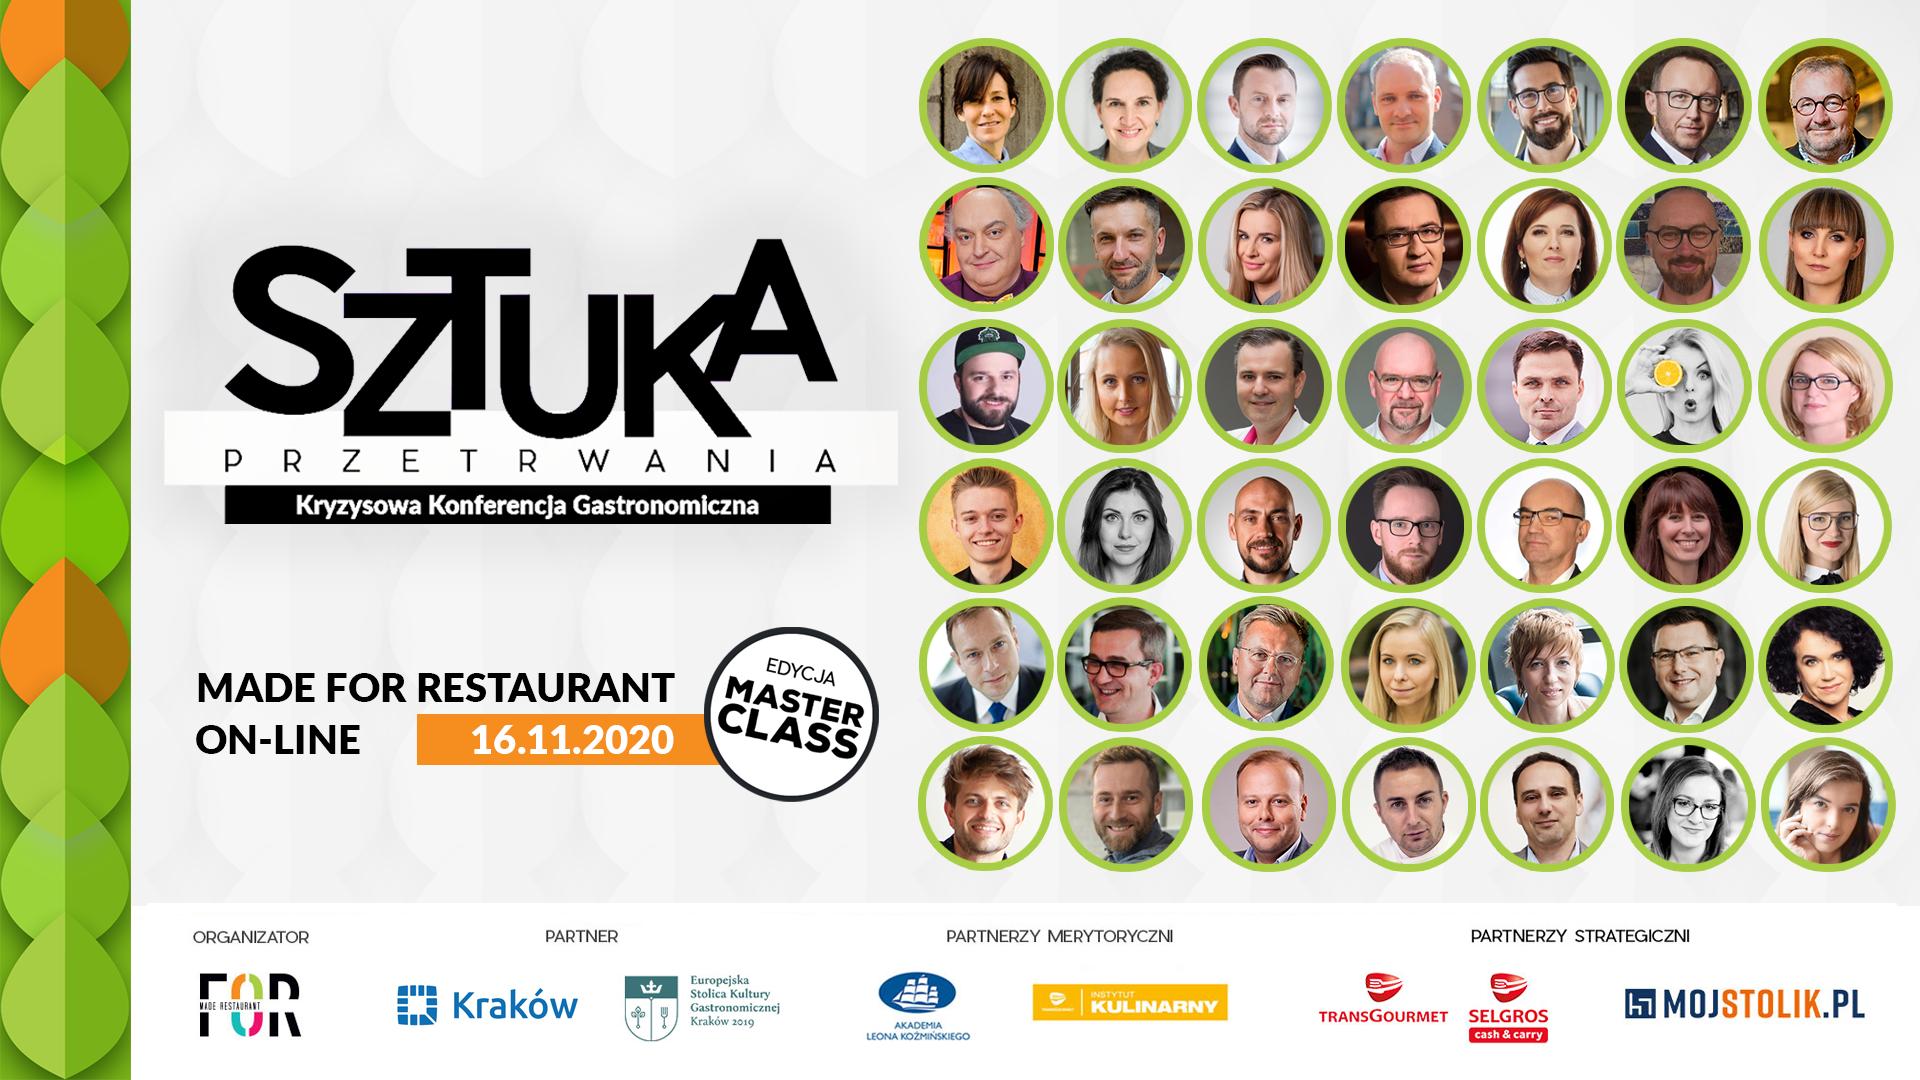 Konferencja MADE FOR Restaurant on-line 16.11